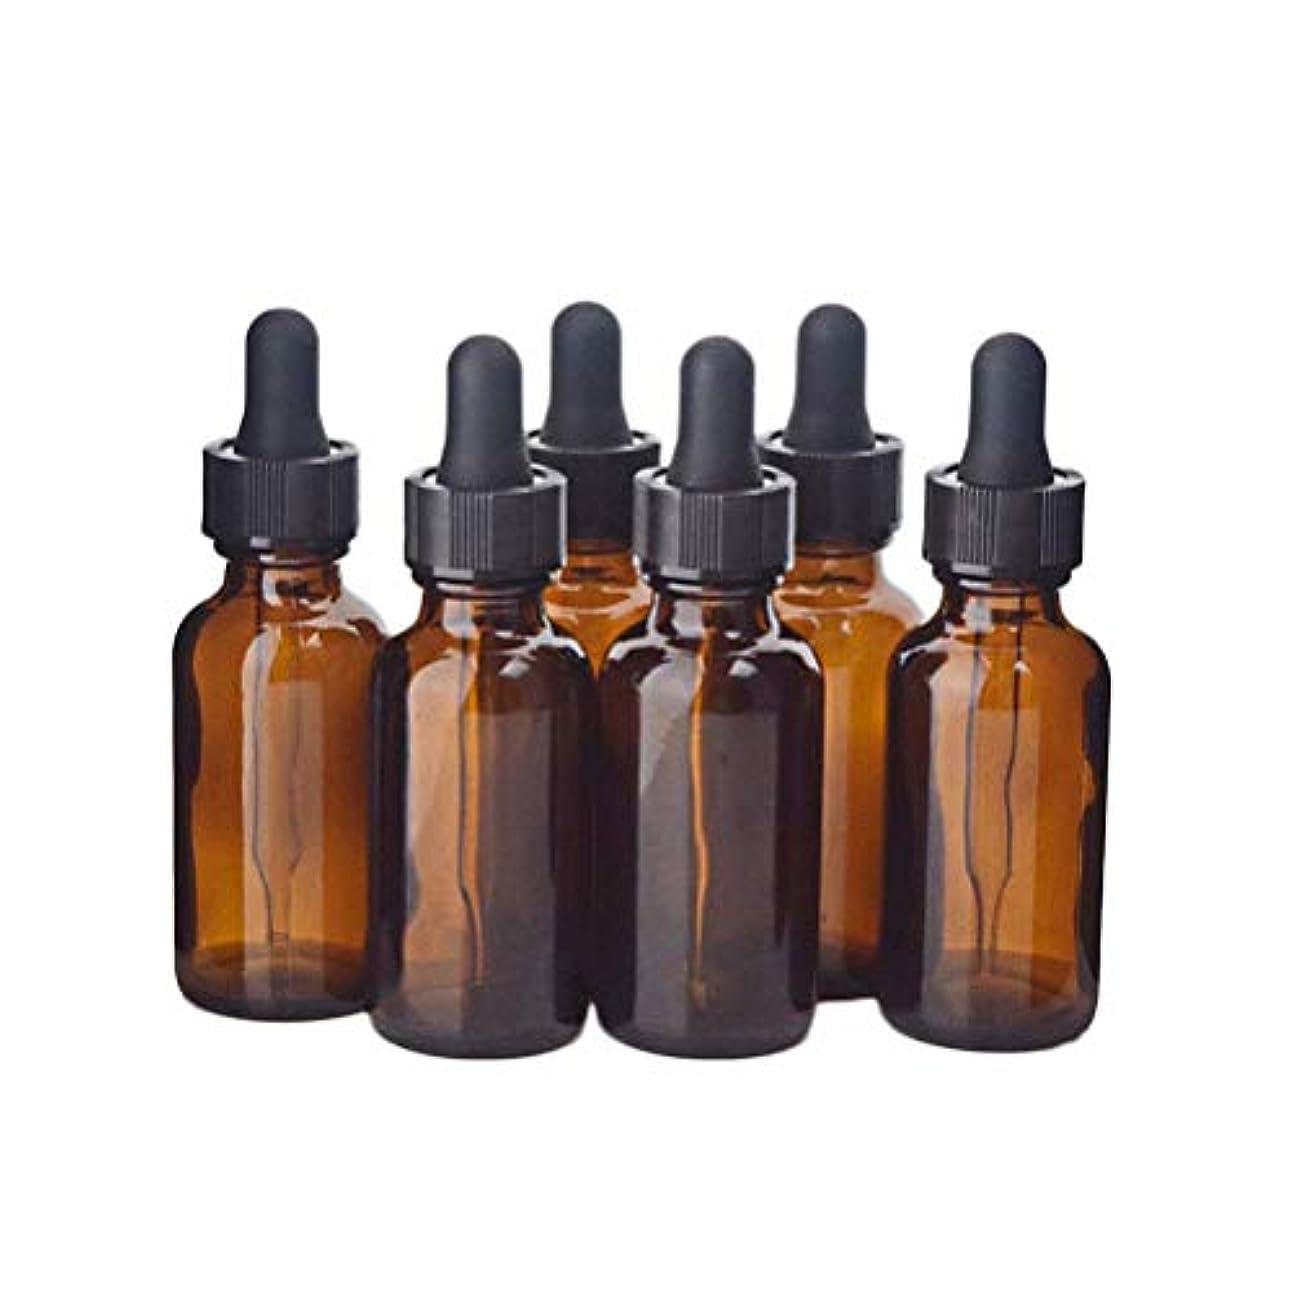 スロットスイス人針遮光瓶 アロマオイル 精油 香水やアロマの保存 小分け用 遮光瓶 30ml 12本セット茶色